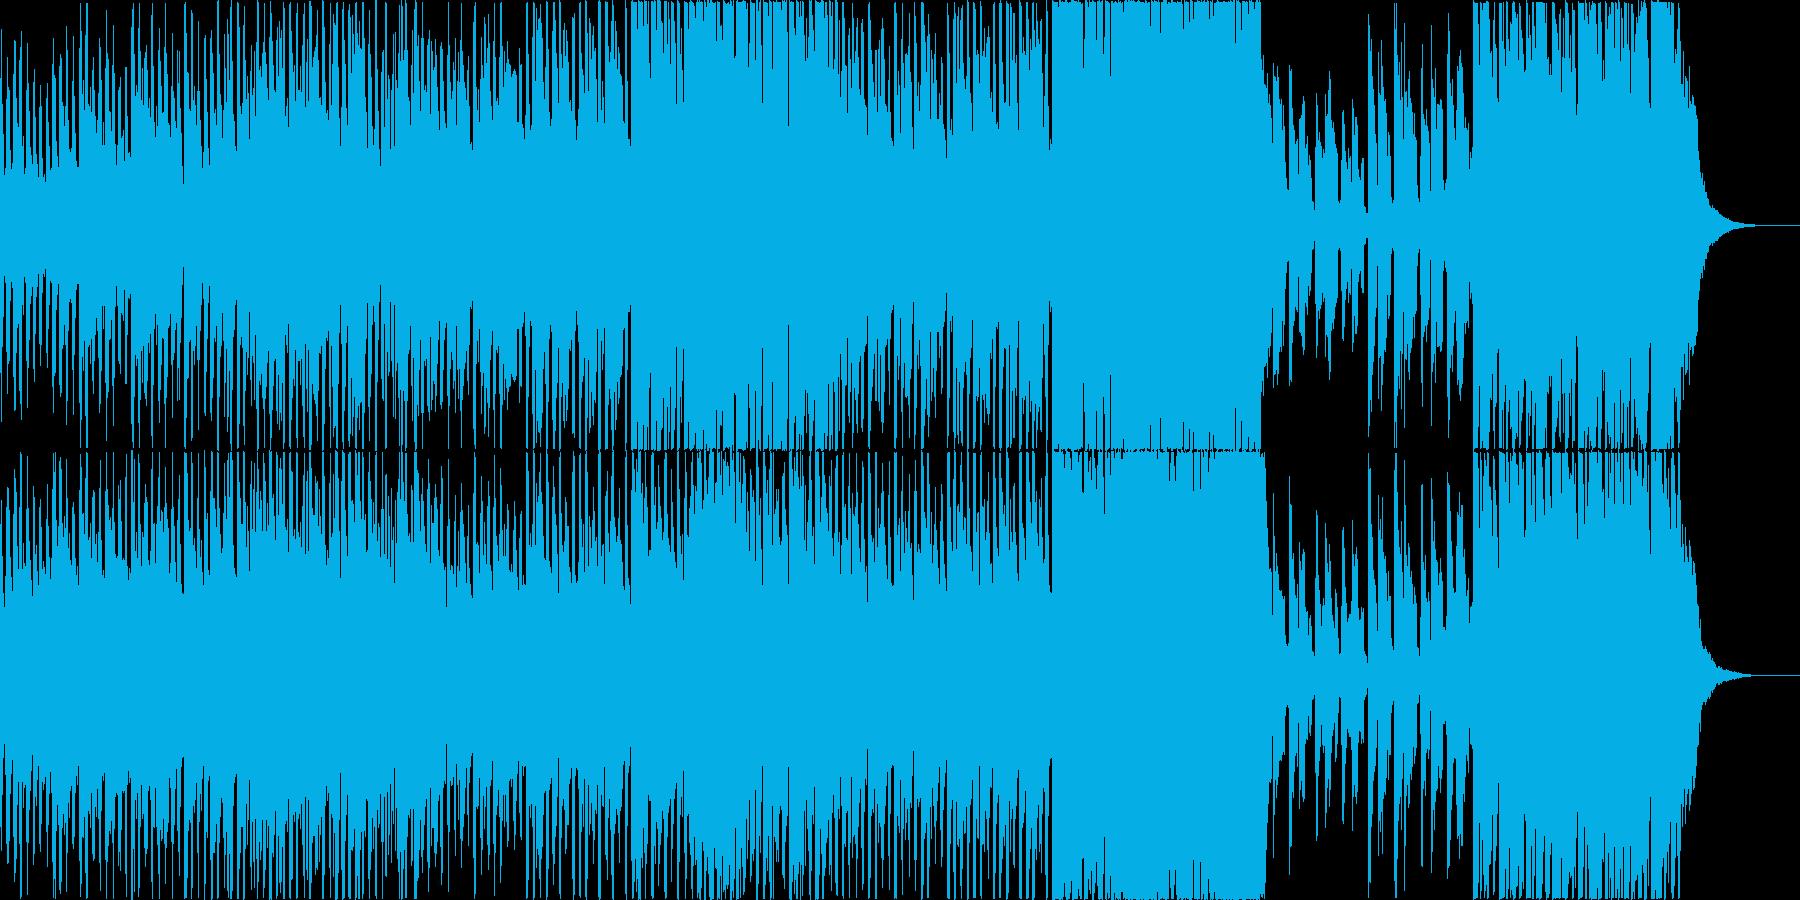 ゲームやアニメで駆け抜けるシーン!Cの再生済みの波形